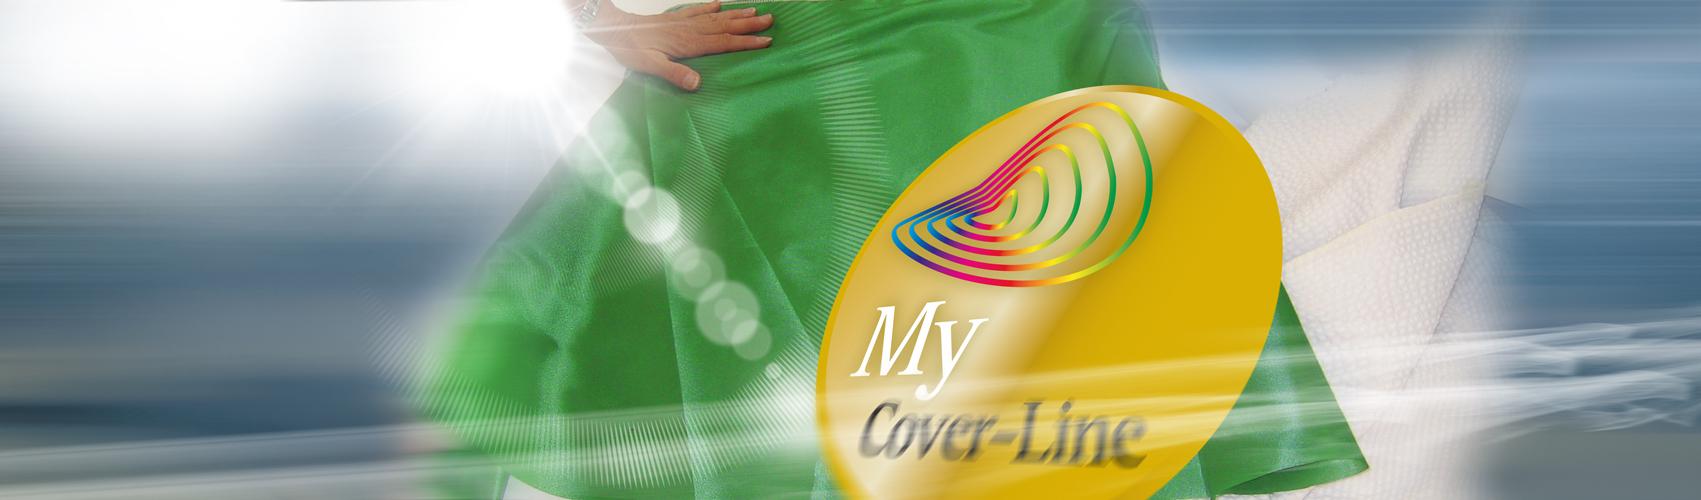 Jaxida Cover - MyCover-Line